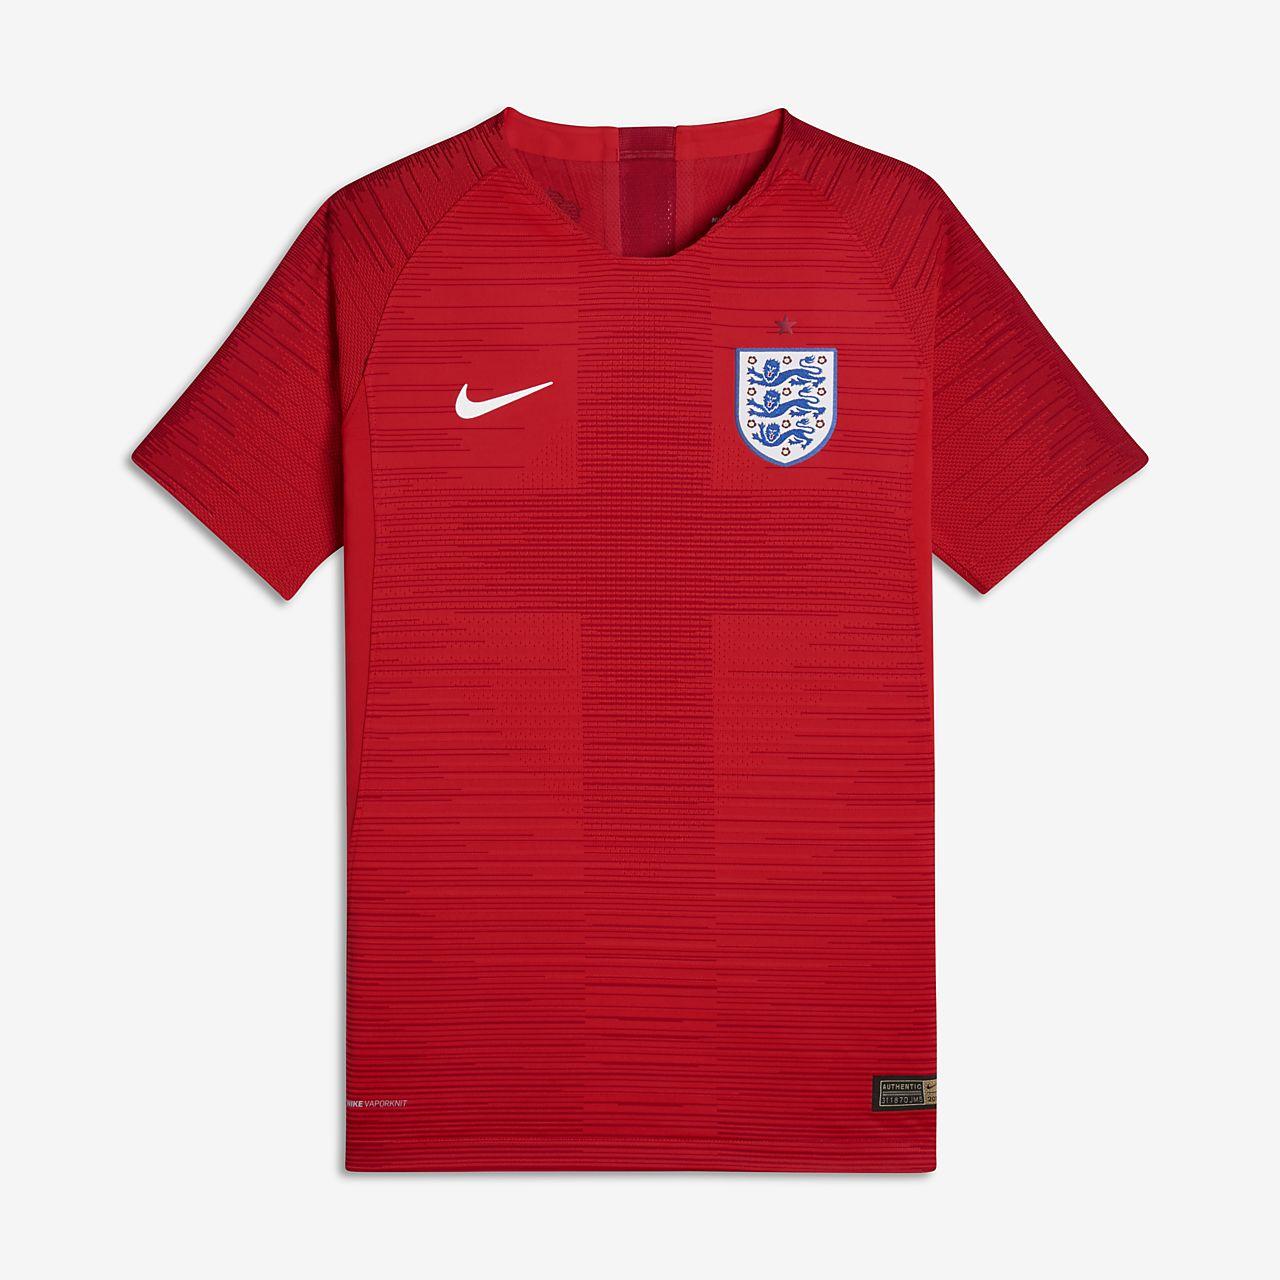 2018 England Vapor Match Away Samarreta de futbol - Nen